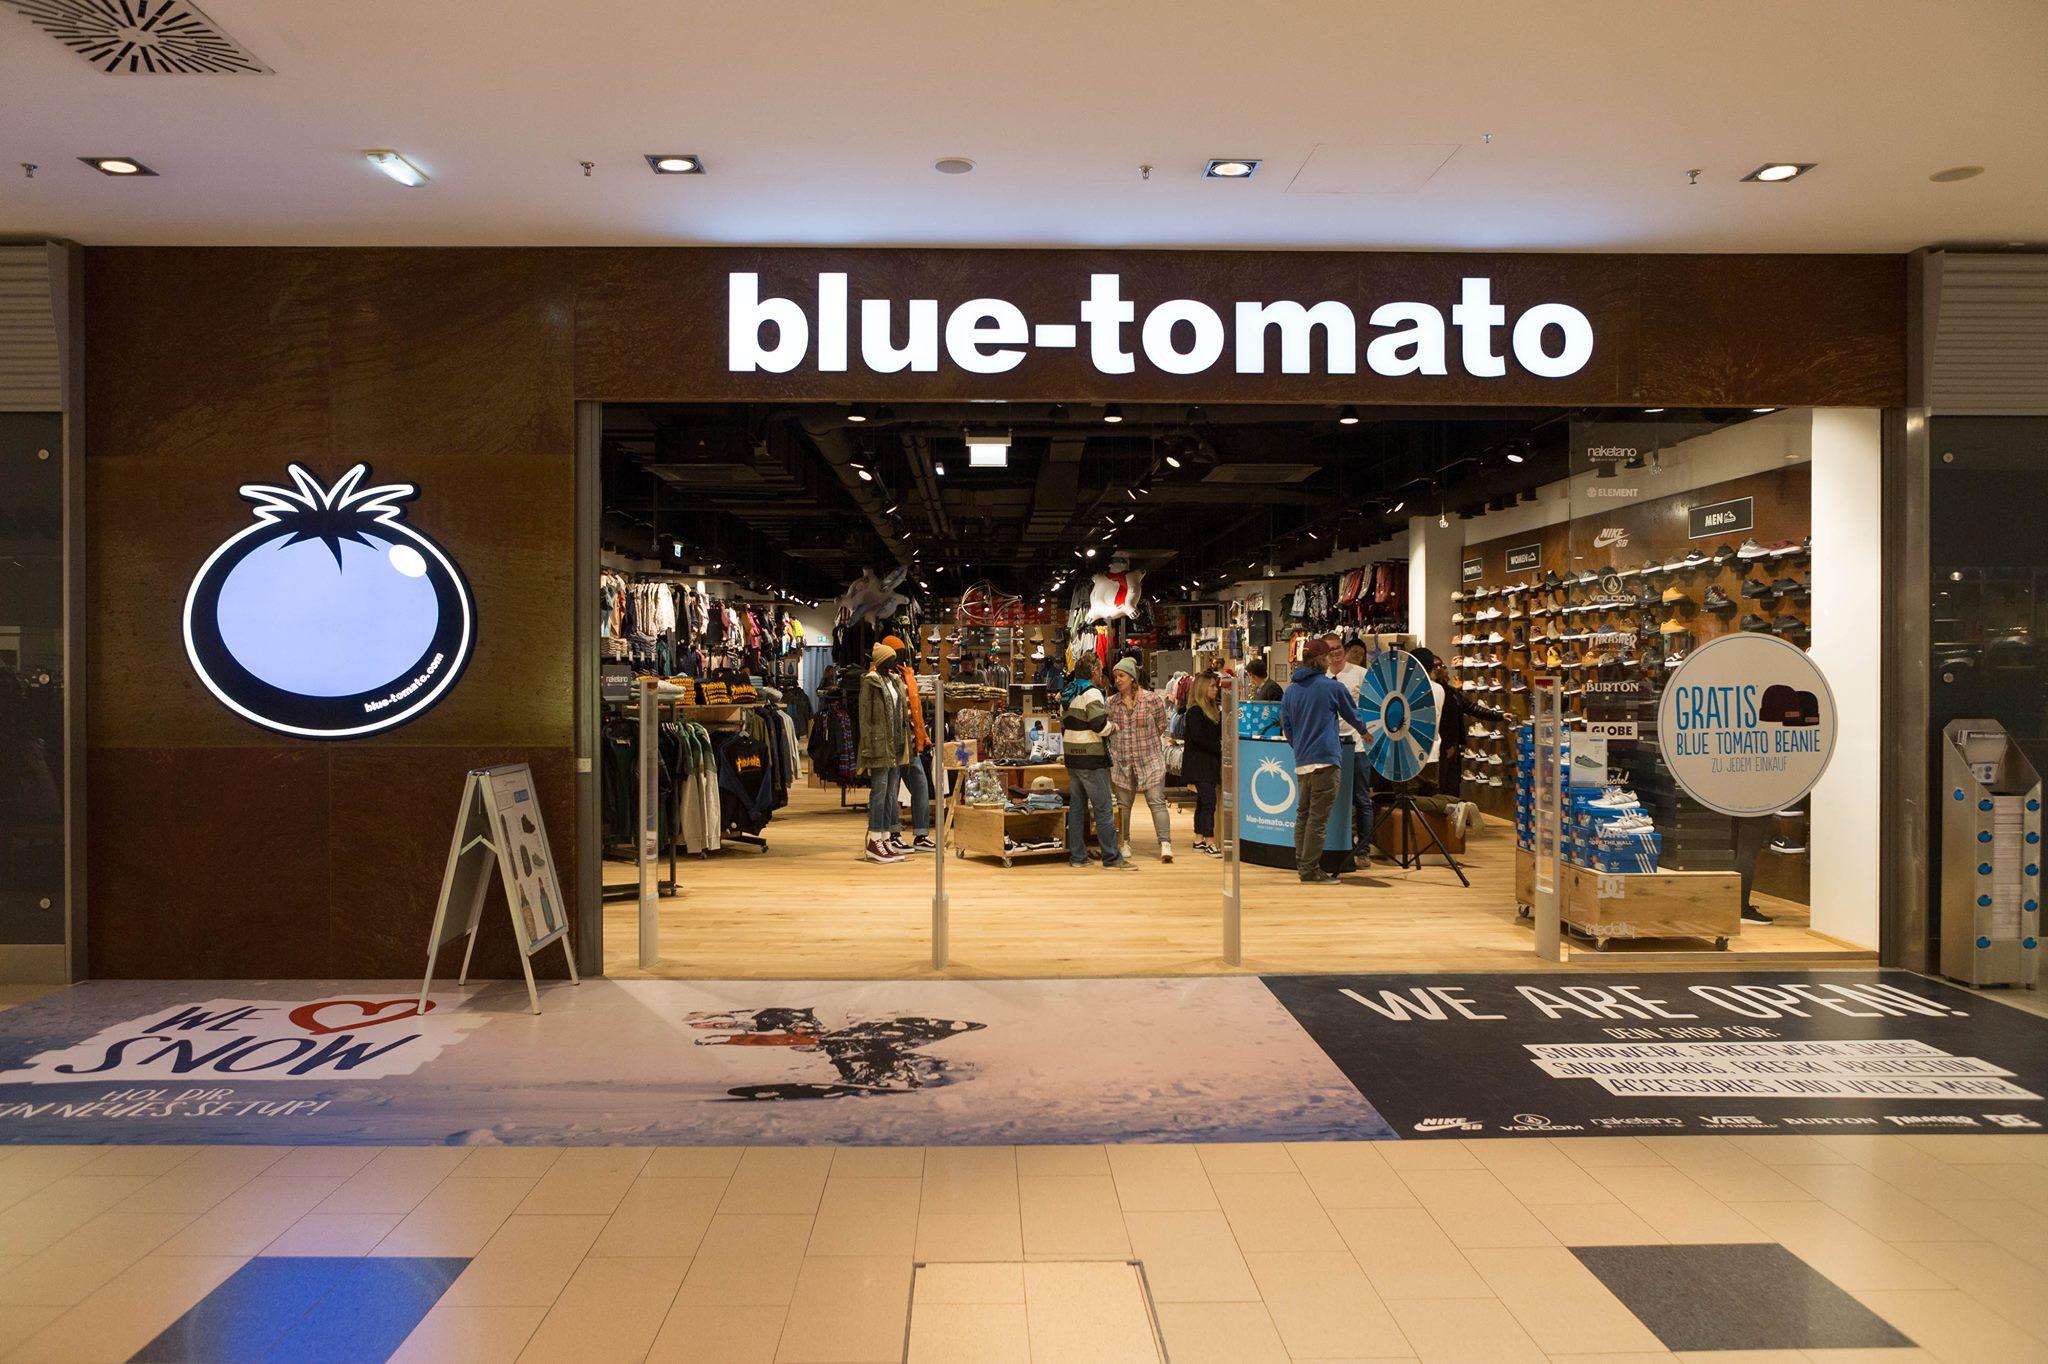 Tach alexa blue tomato er ffnet zweiten shop in for Wohndesign 2 fermob store in berlin